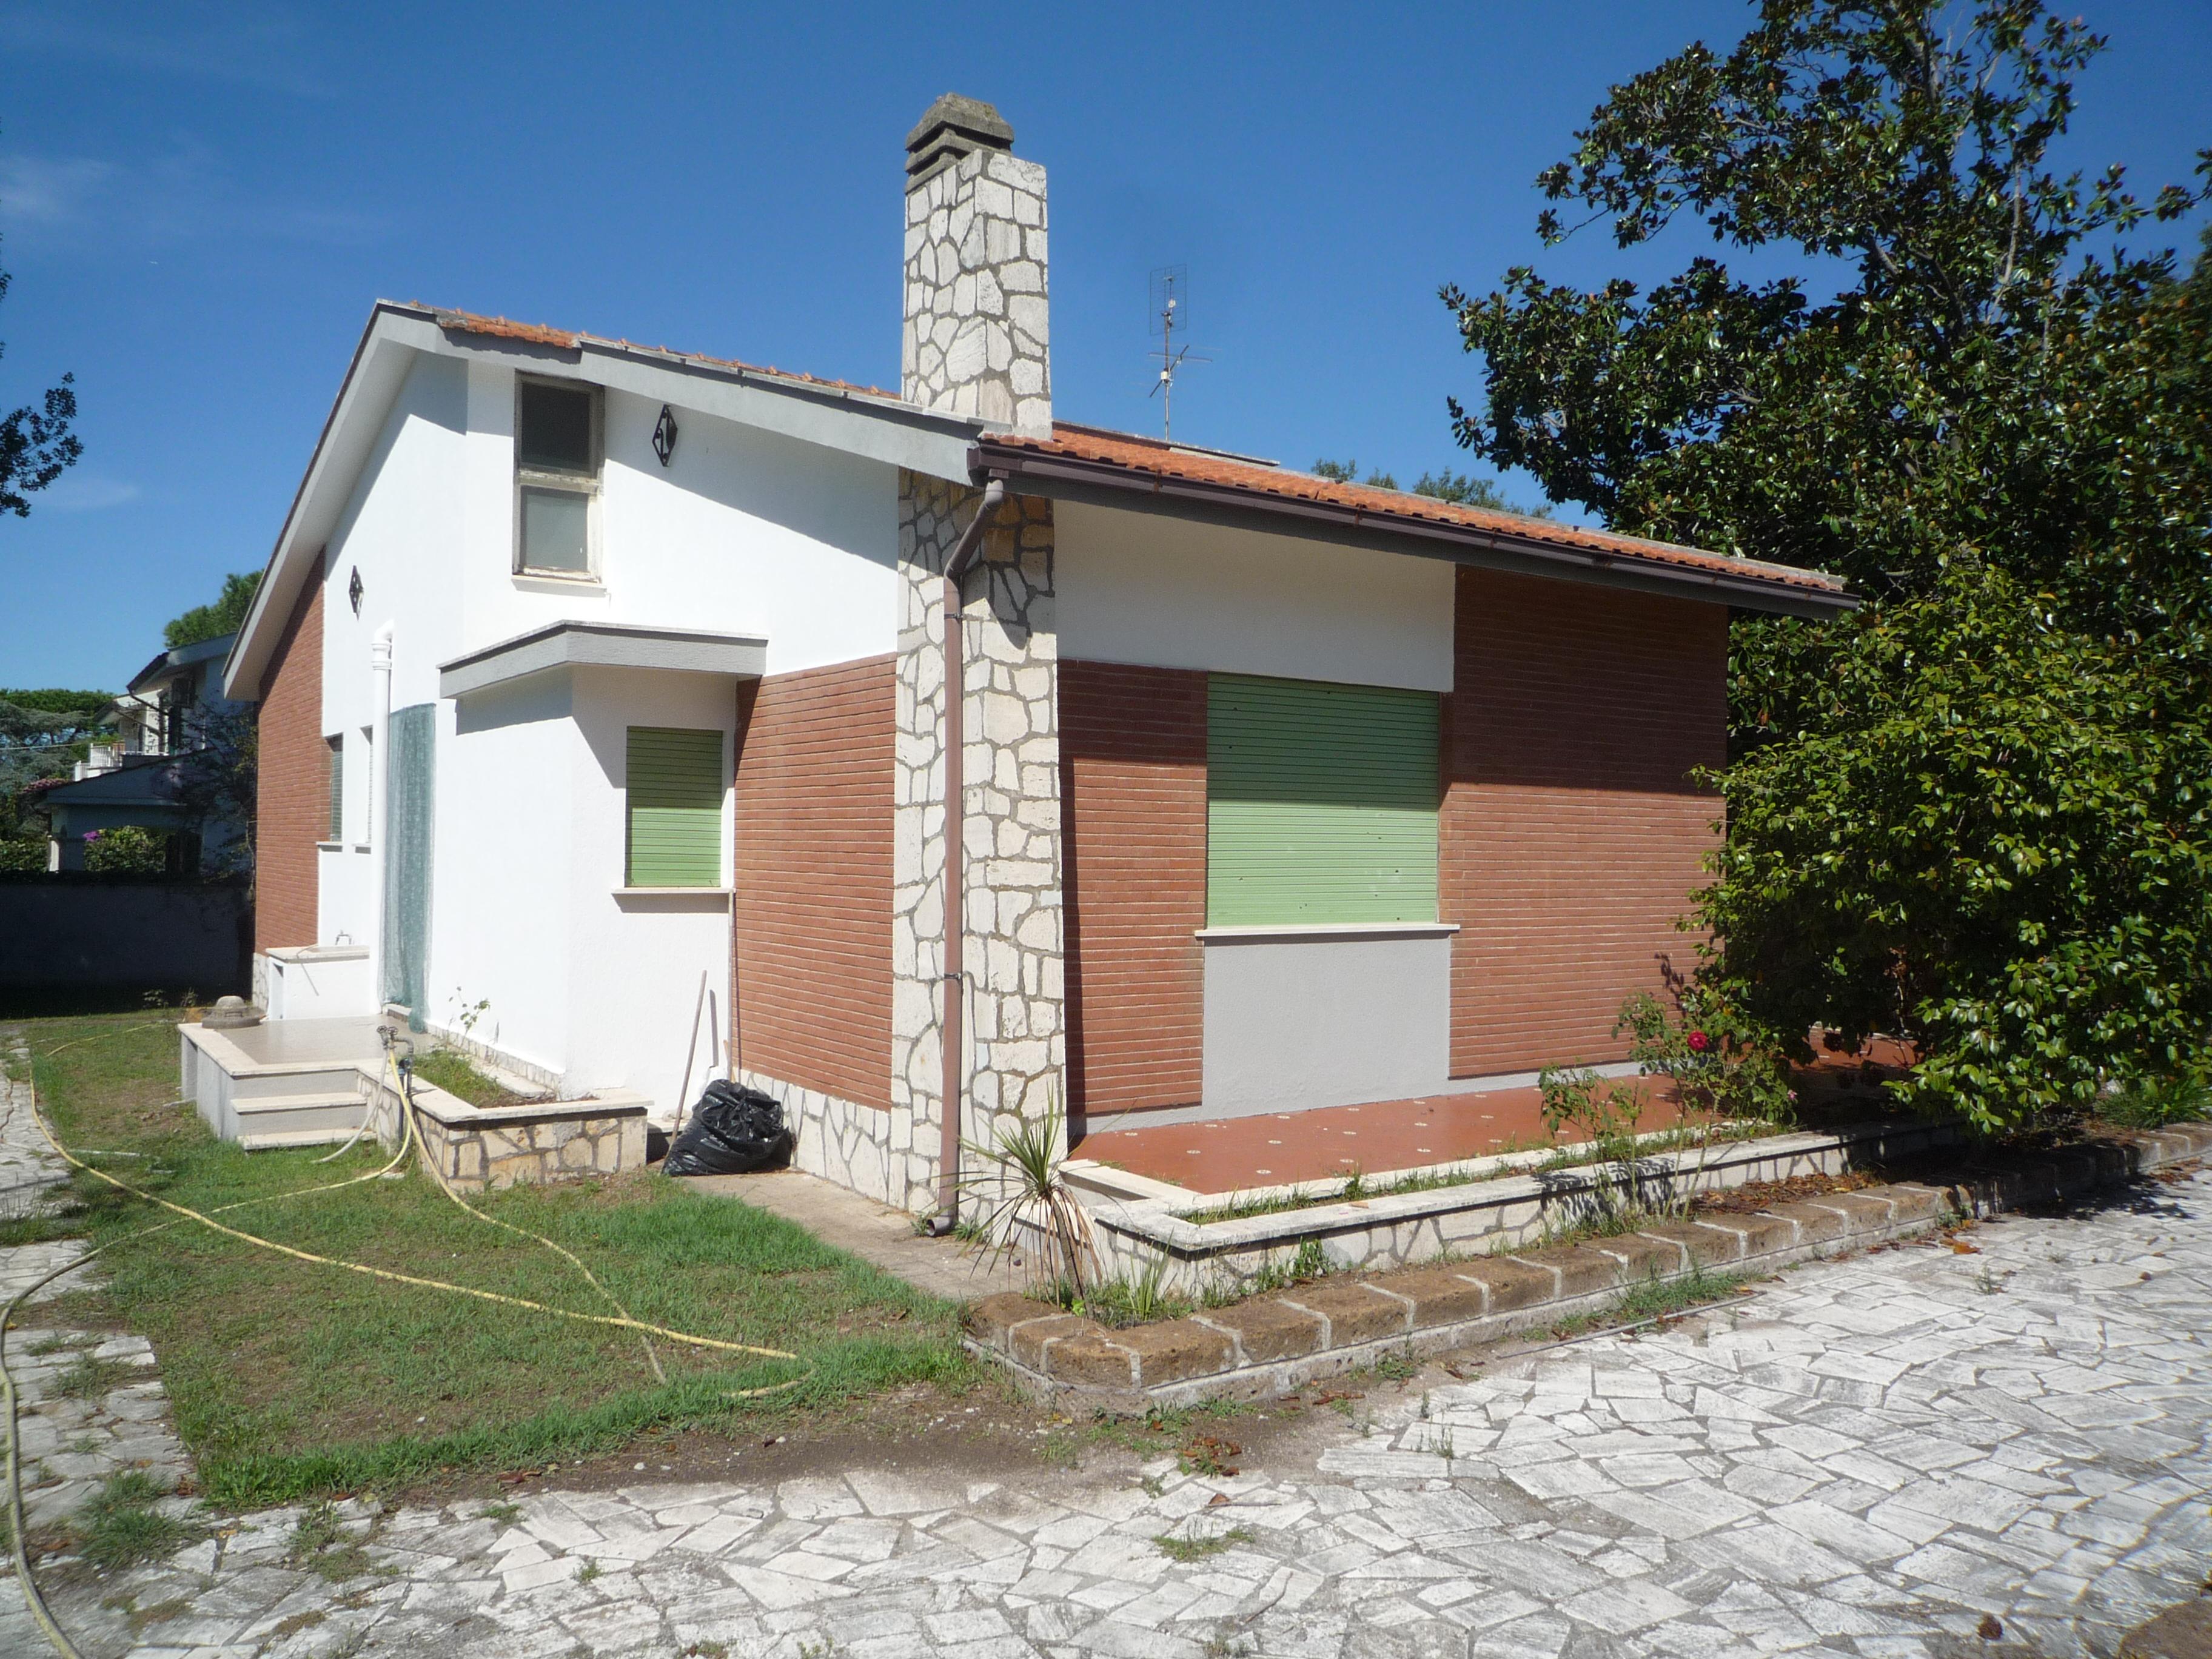 Villa unifamiliare unico livello con parco alberato anzio casa annunci immobiliari ad anzio for Planimetrie case